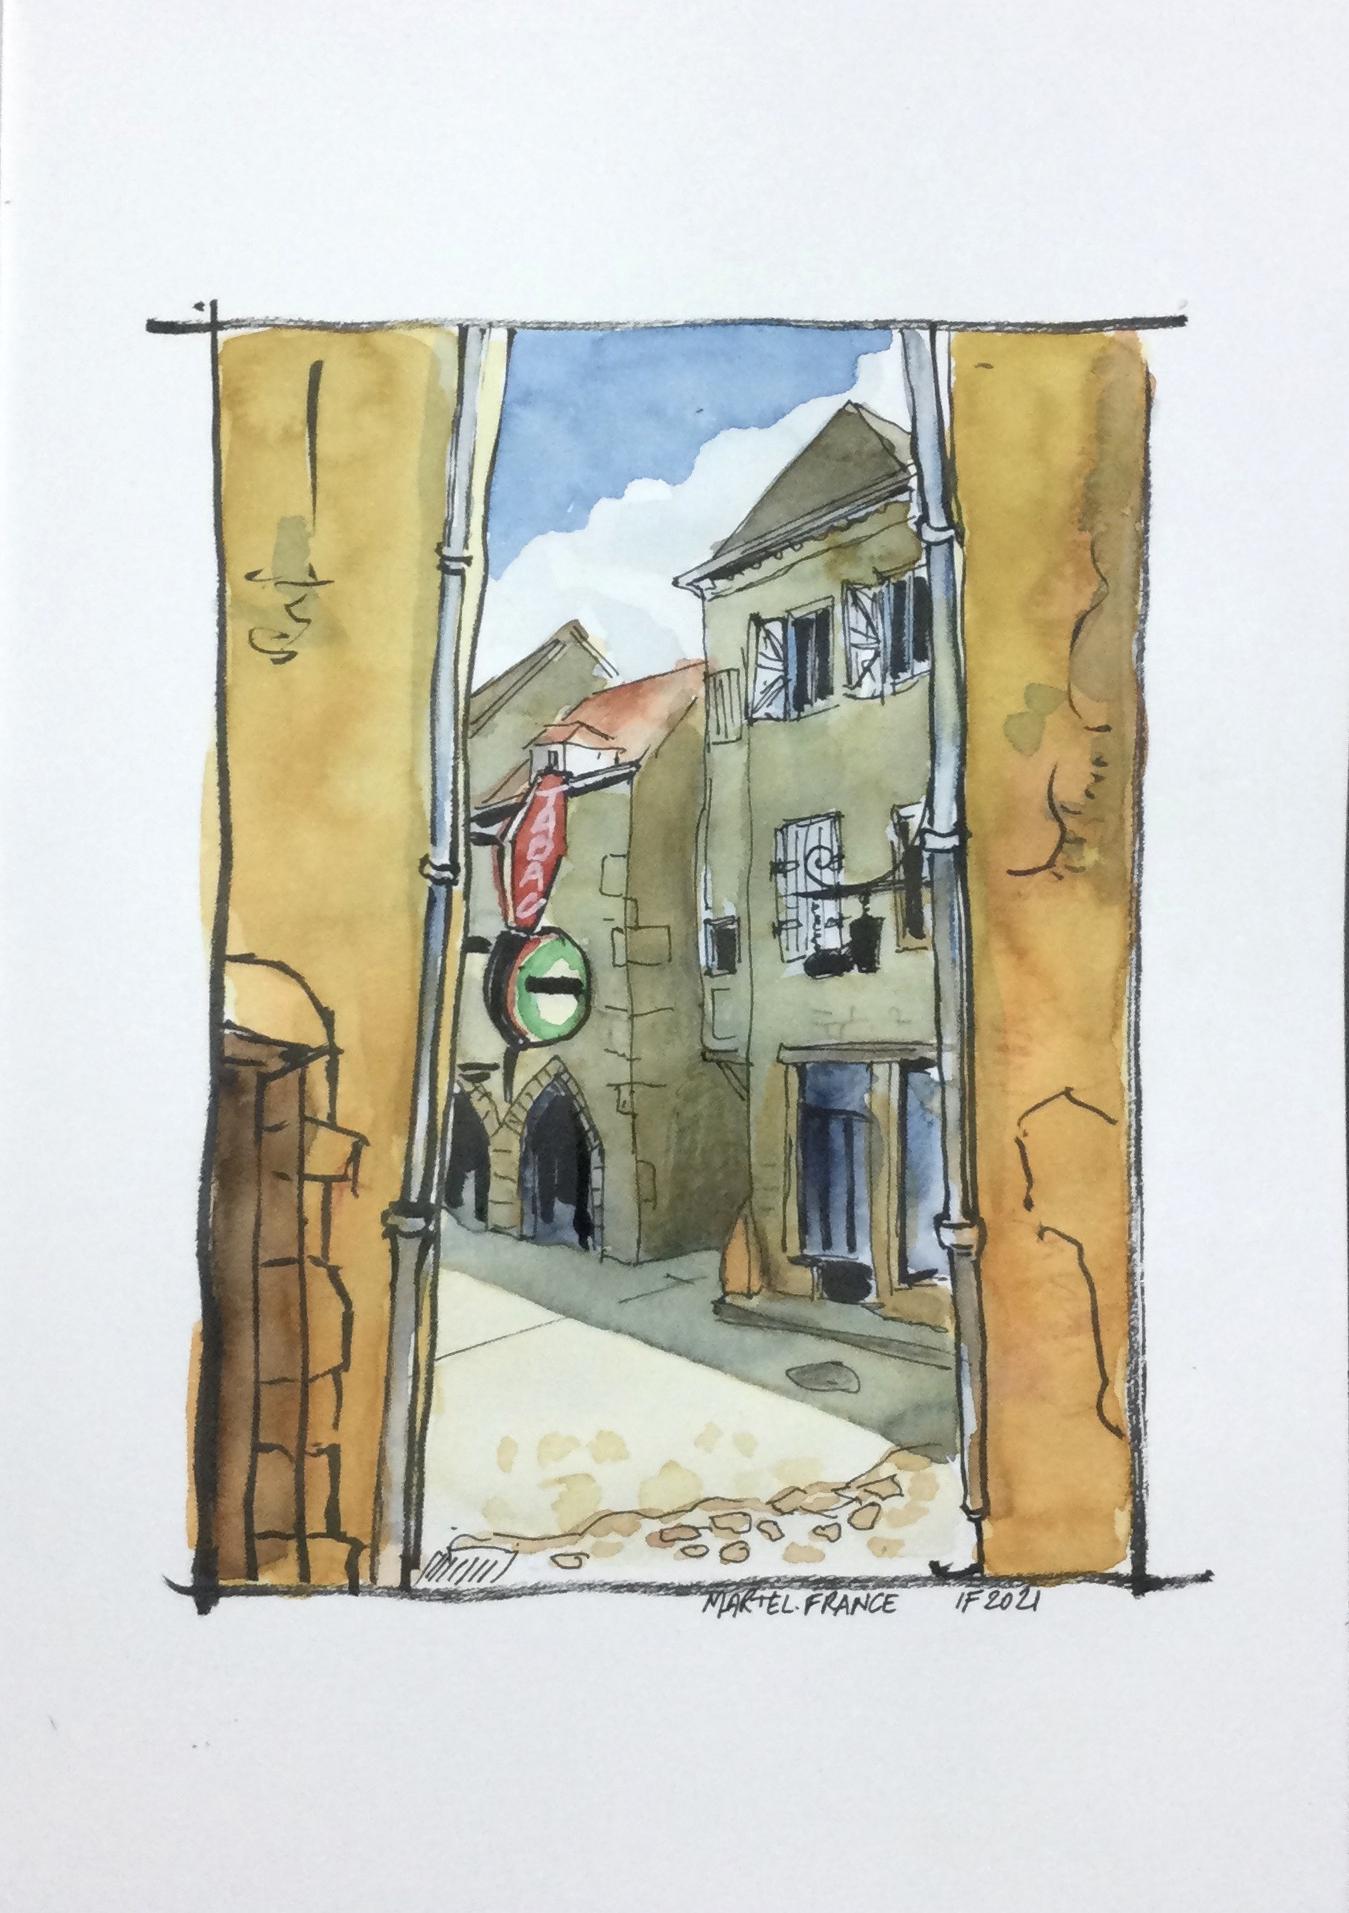 Dans les rues de Martel - ©I.Frances 2021